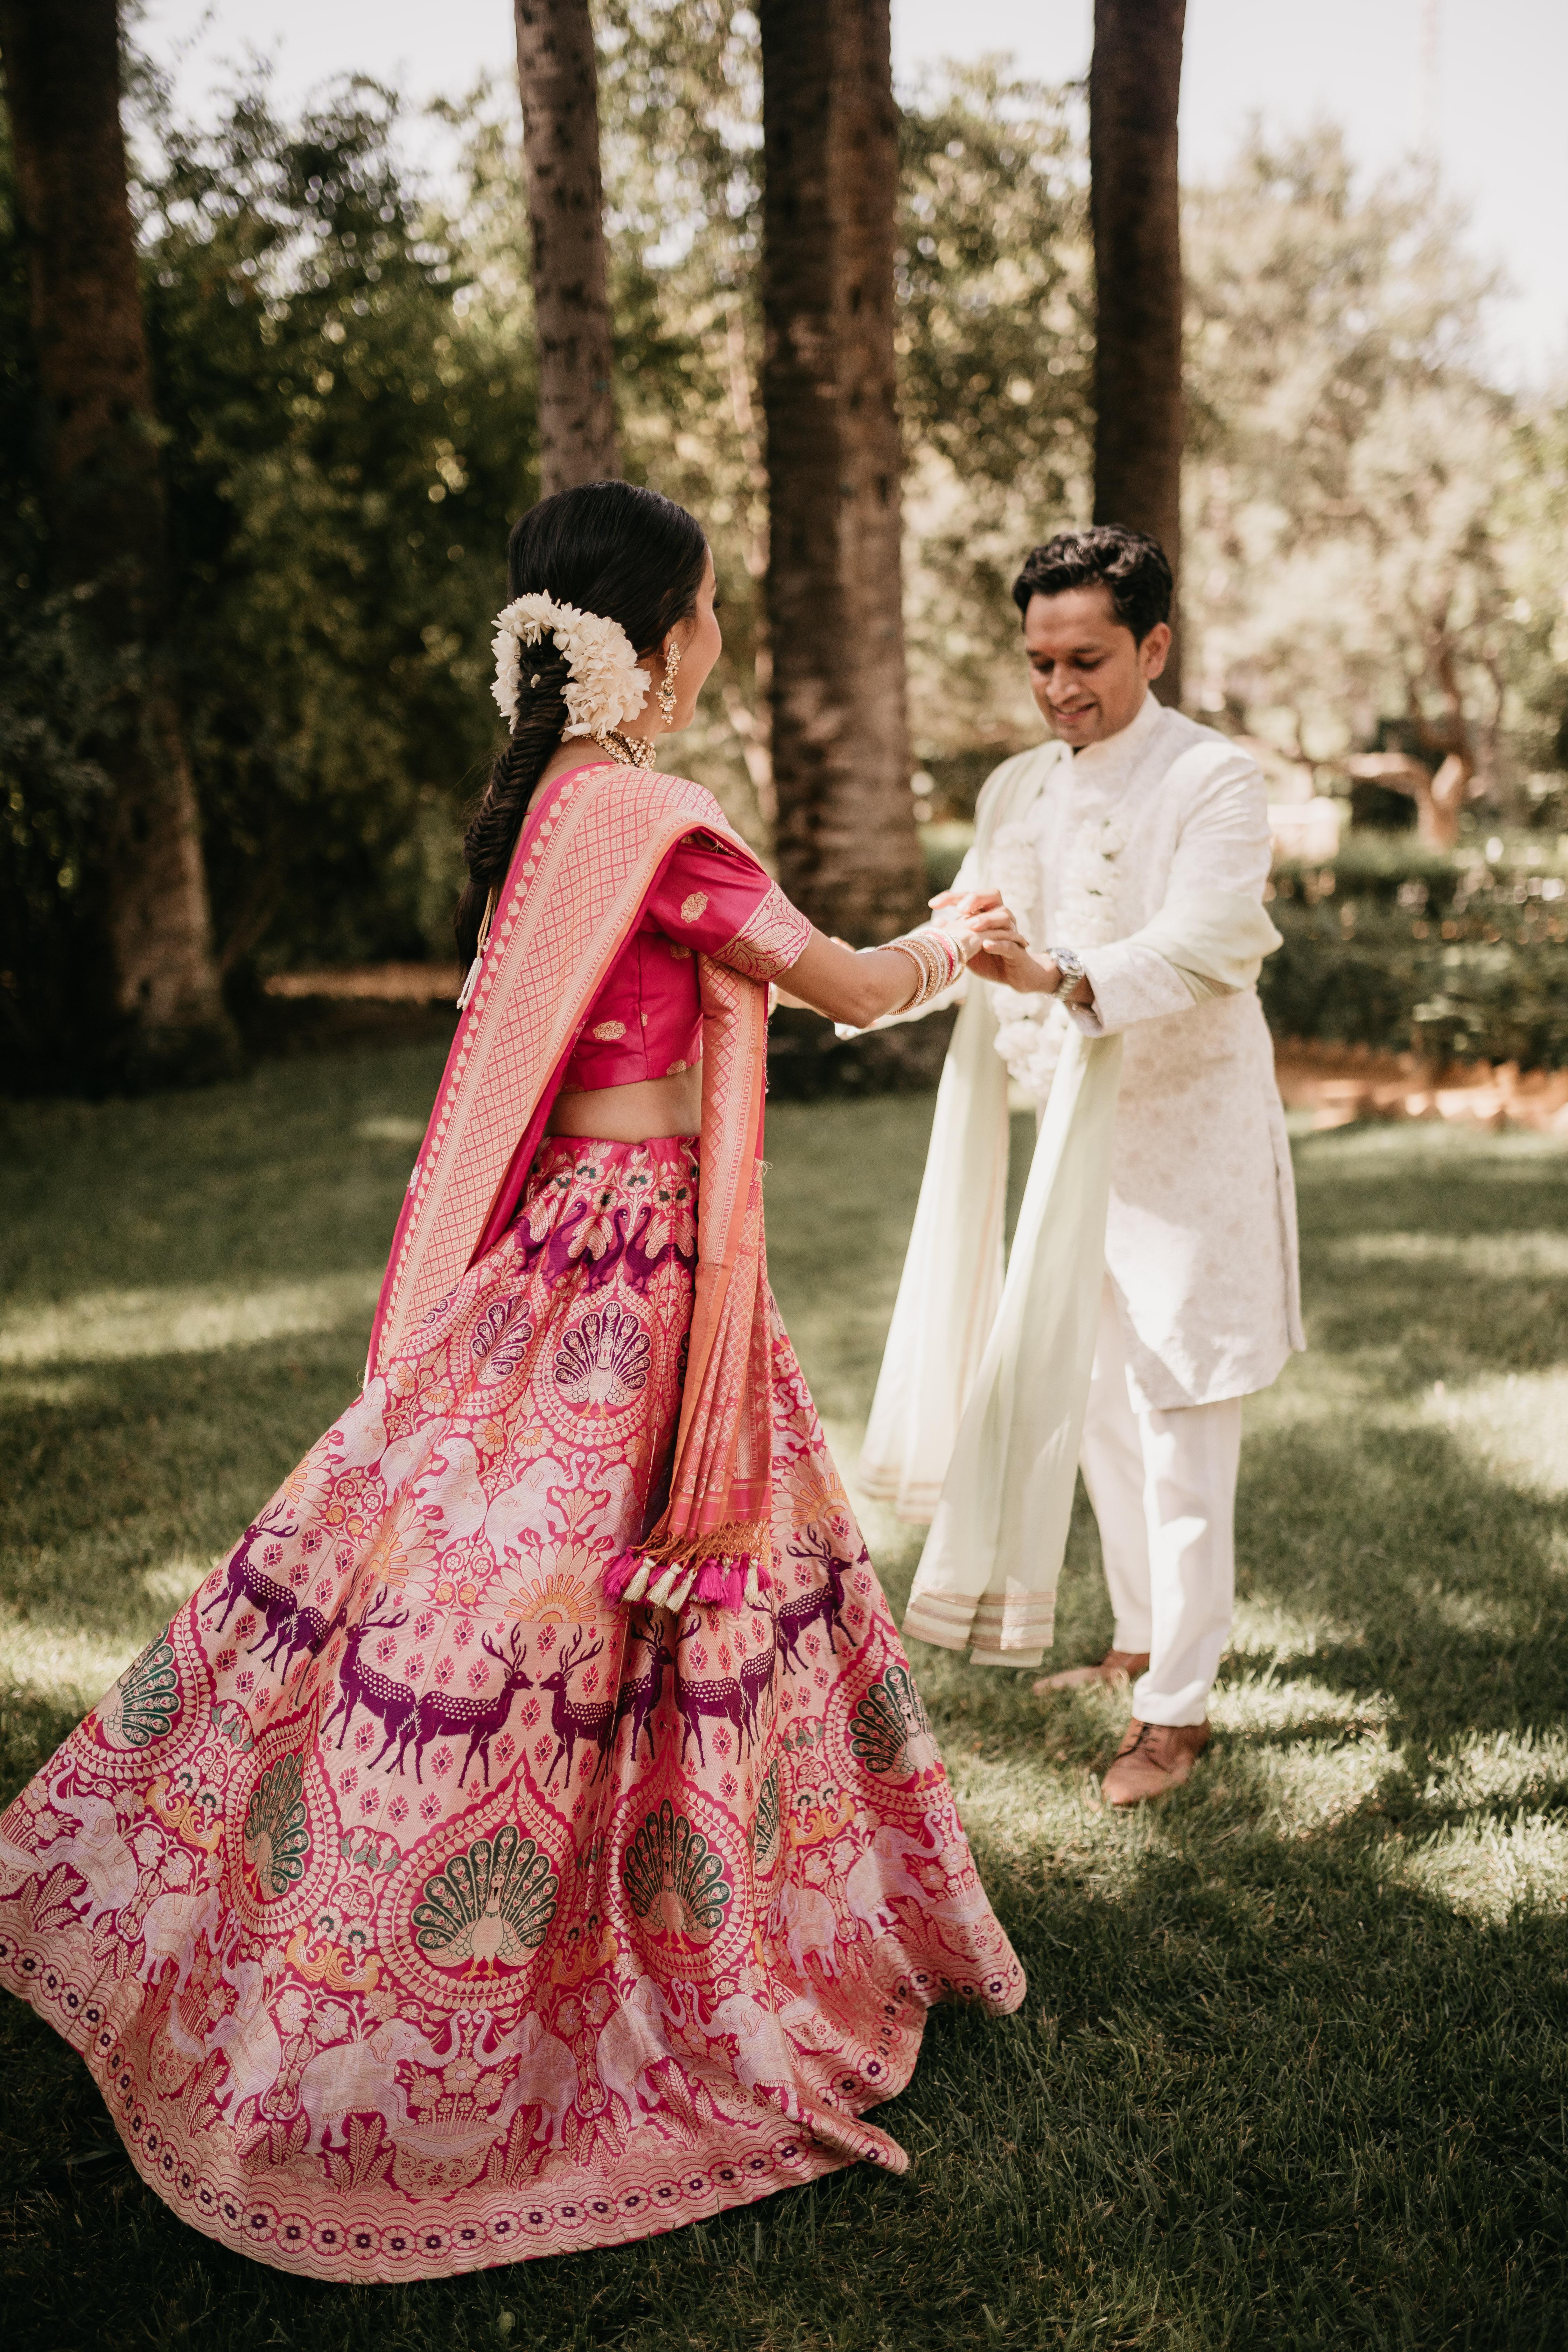 La boda india de Natalia y Pallave